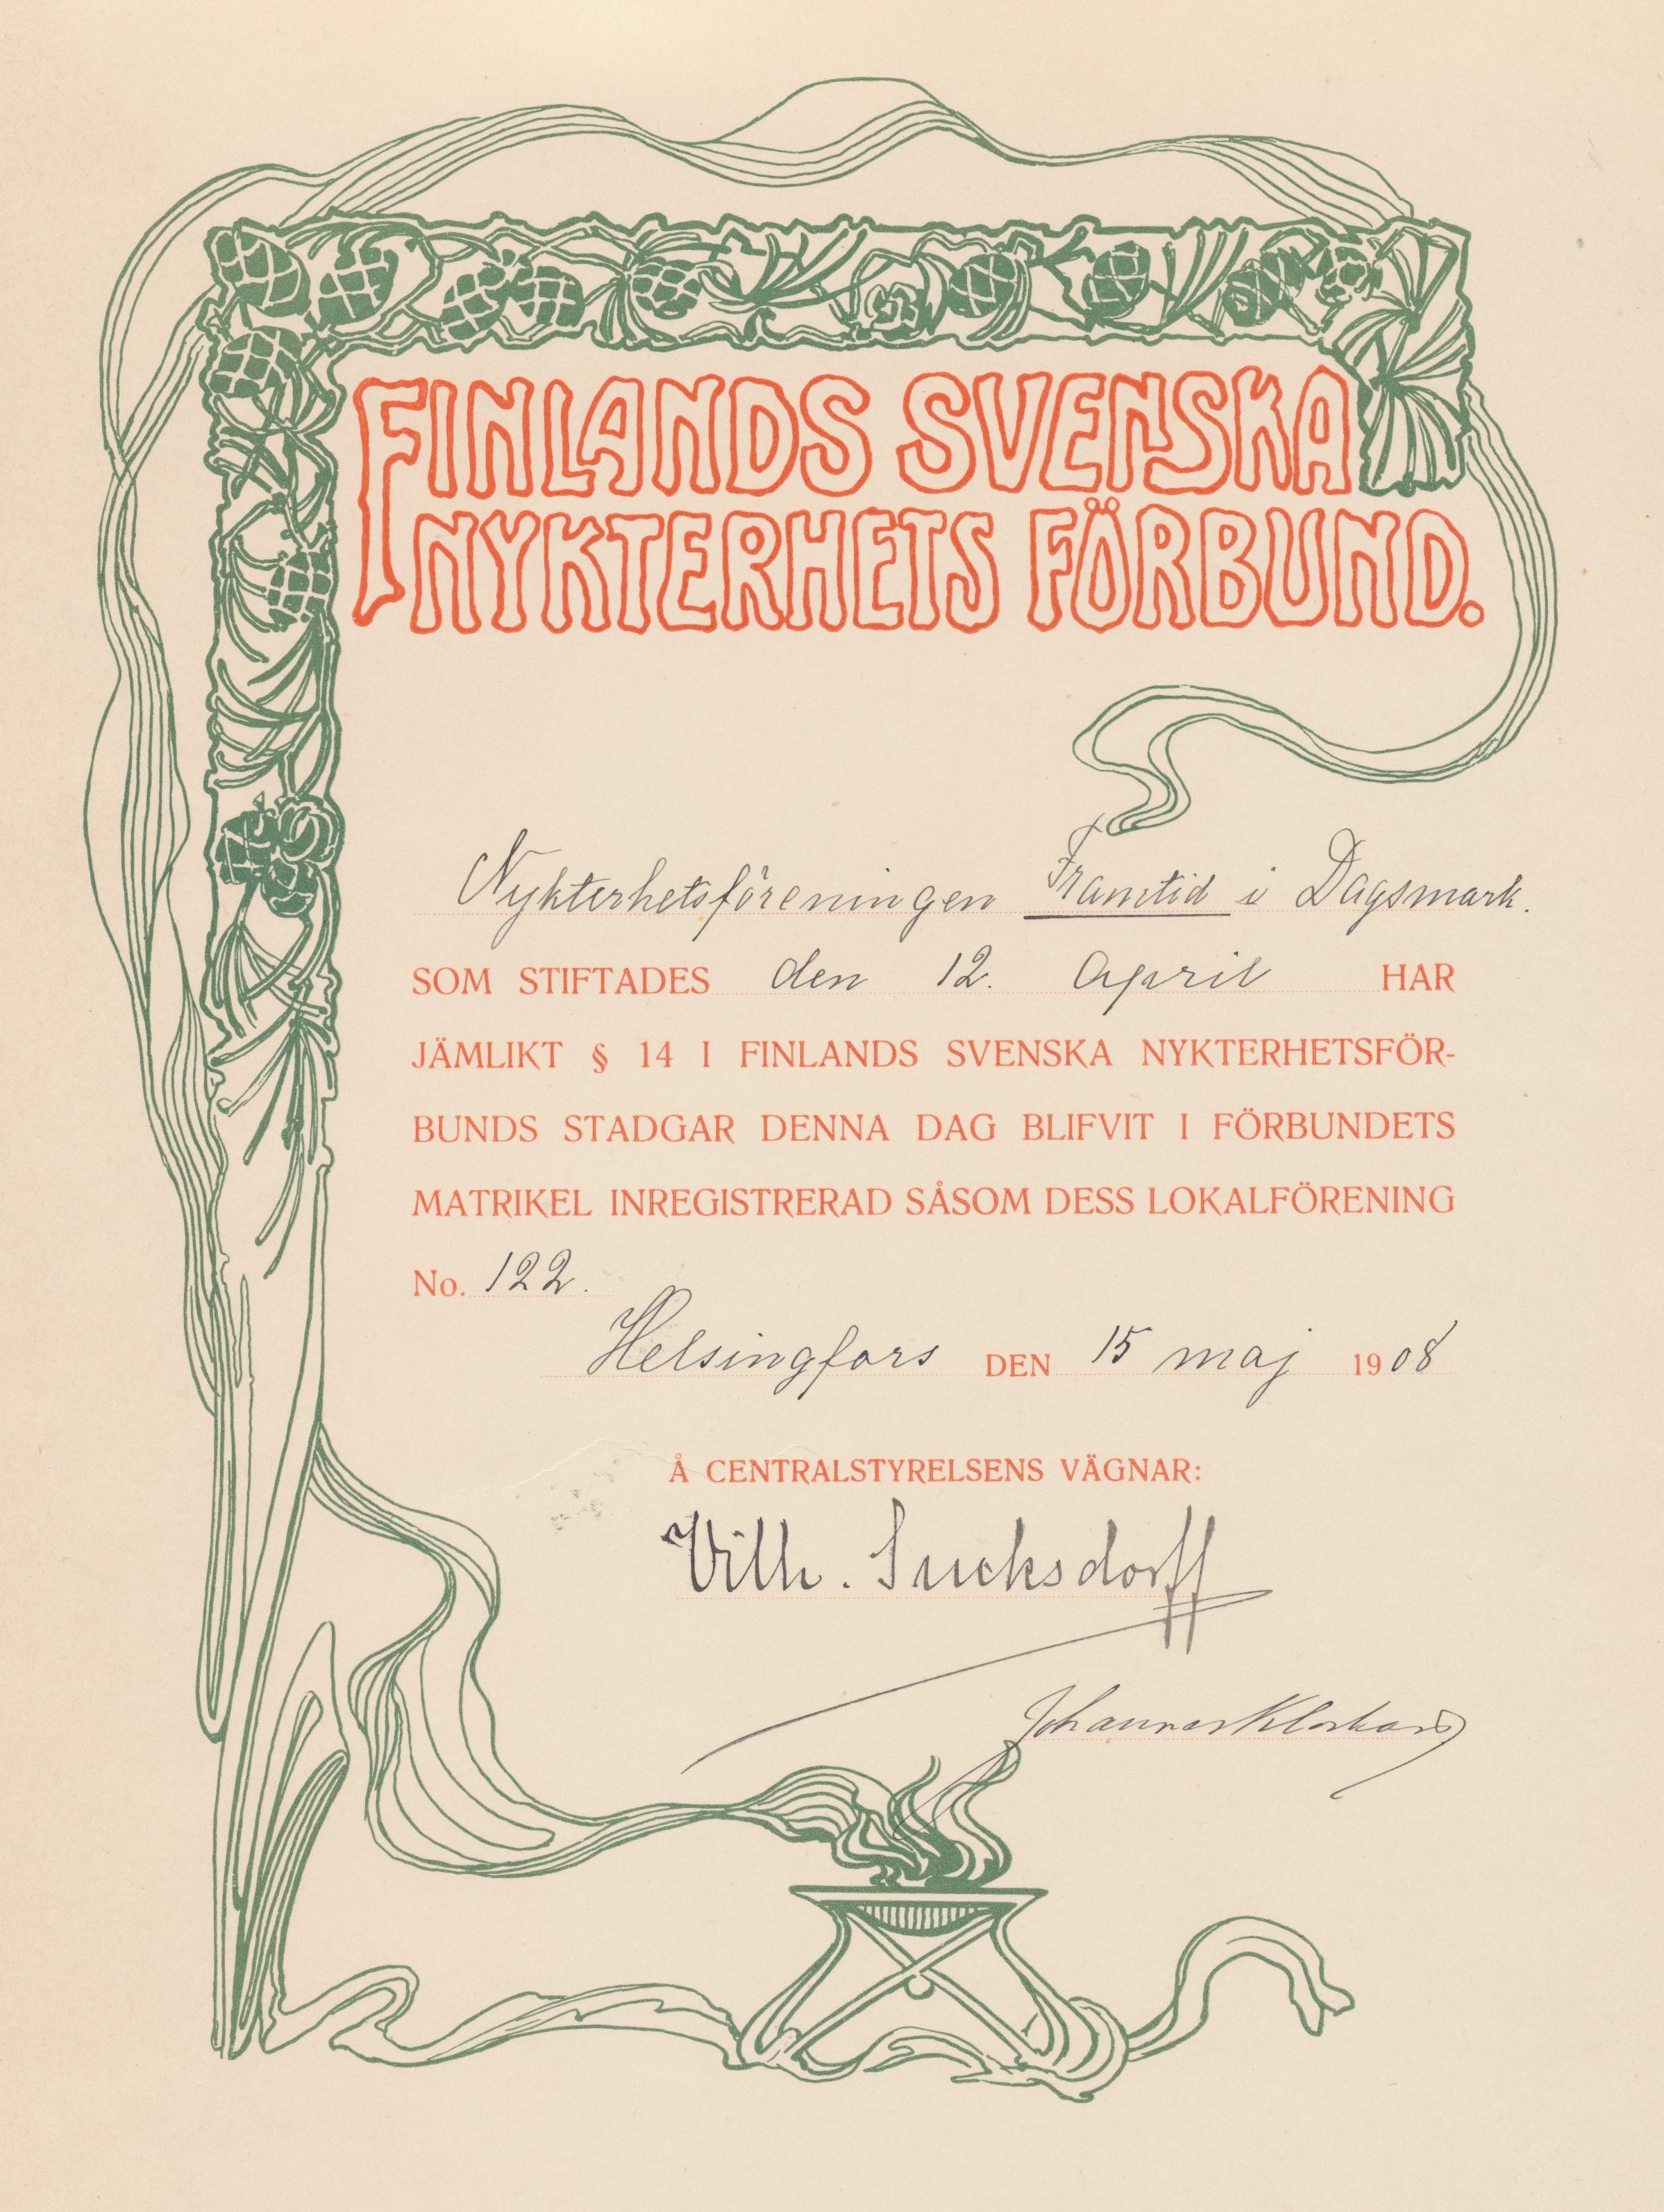 Här diplomet som visar att nykterhetsföreningen Framtid blivit medlem i Finlands Svenska Nykterhetsförbund.